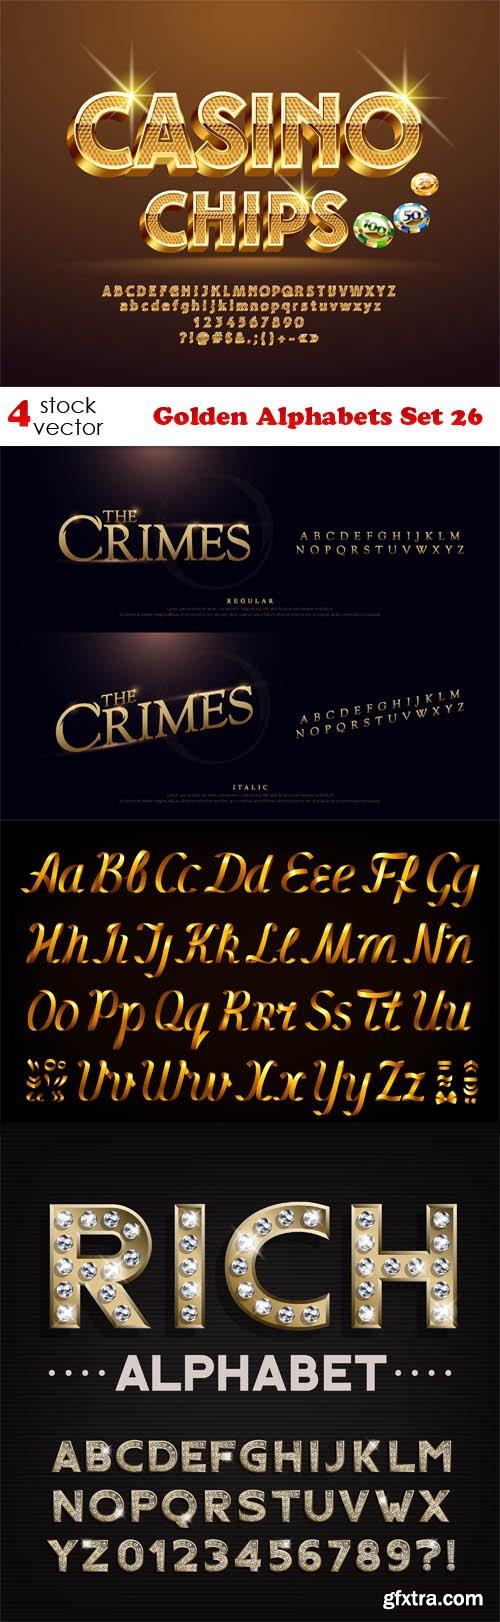 Vectors - Golden Alphabets Set 26